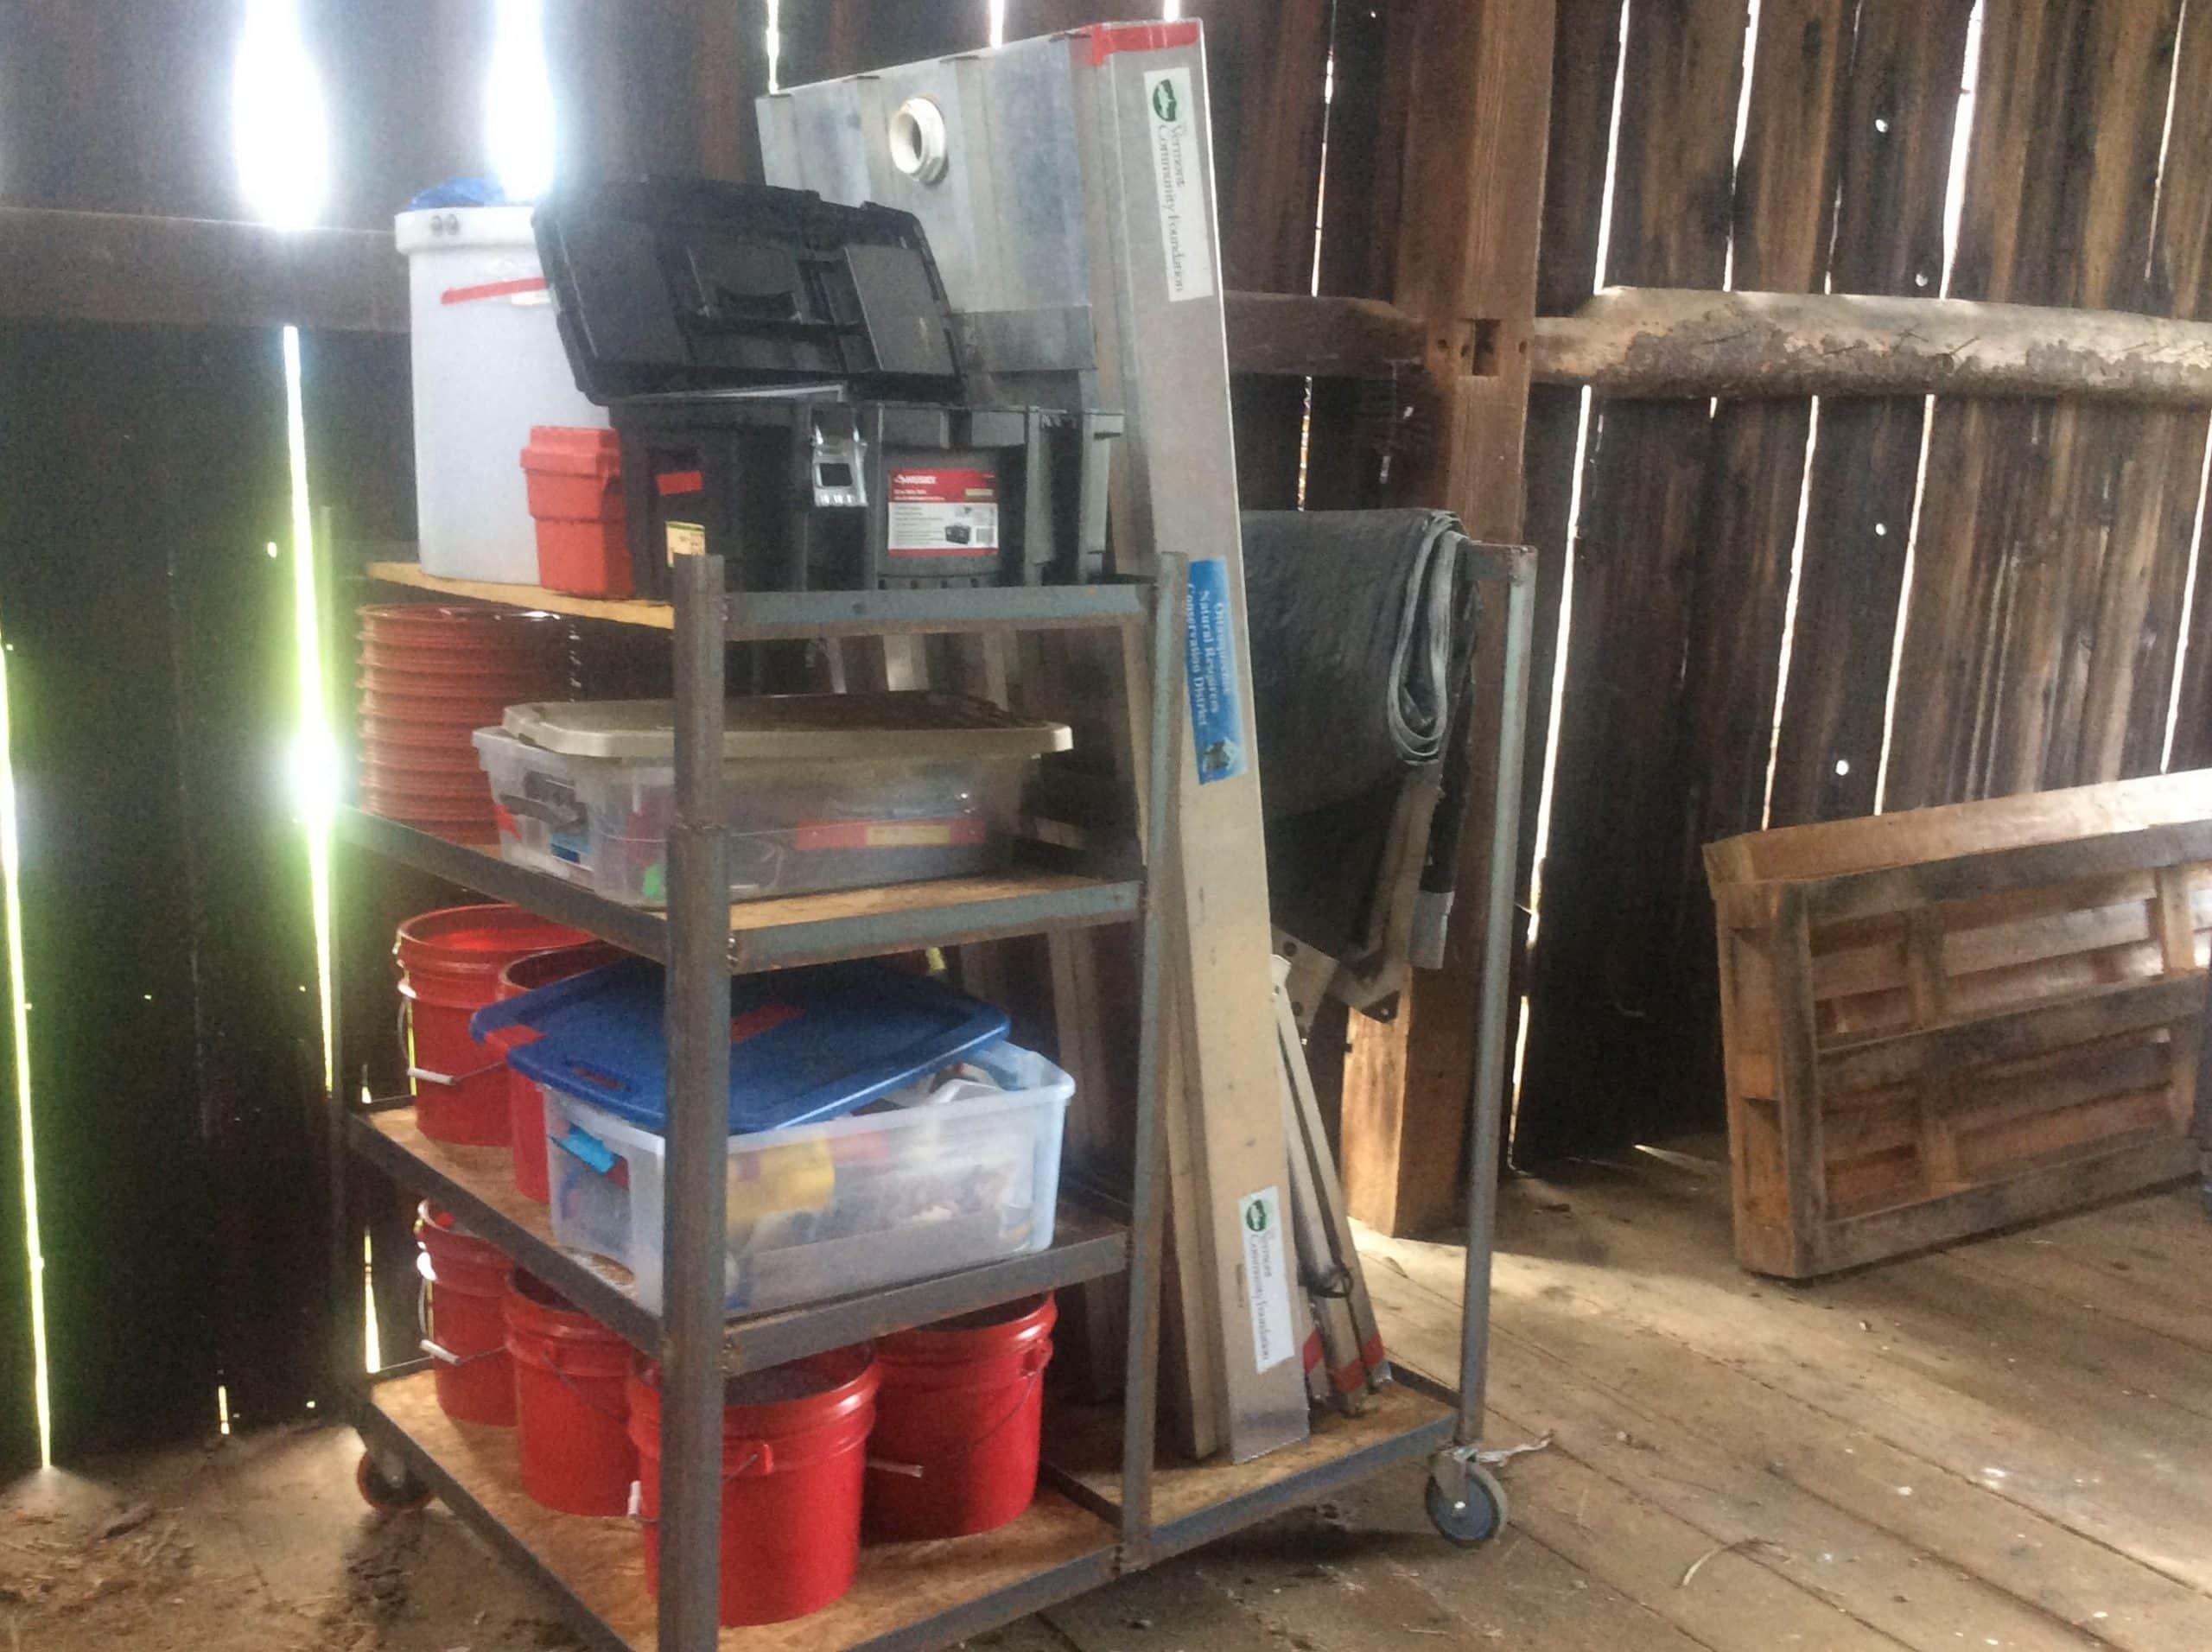 Storage cart design for Em2 stream table